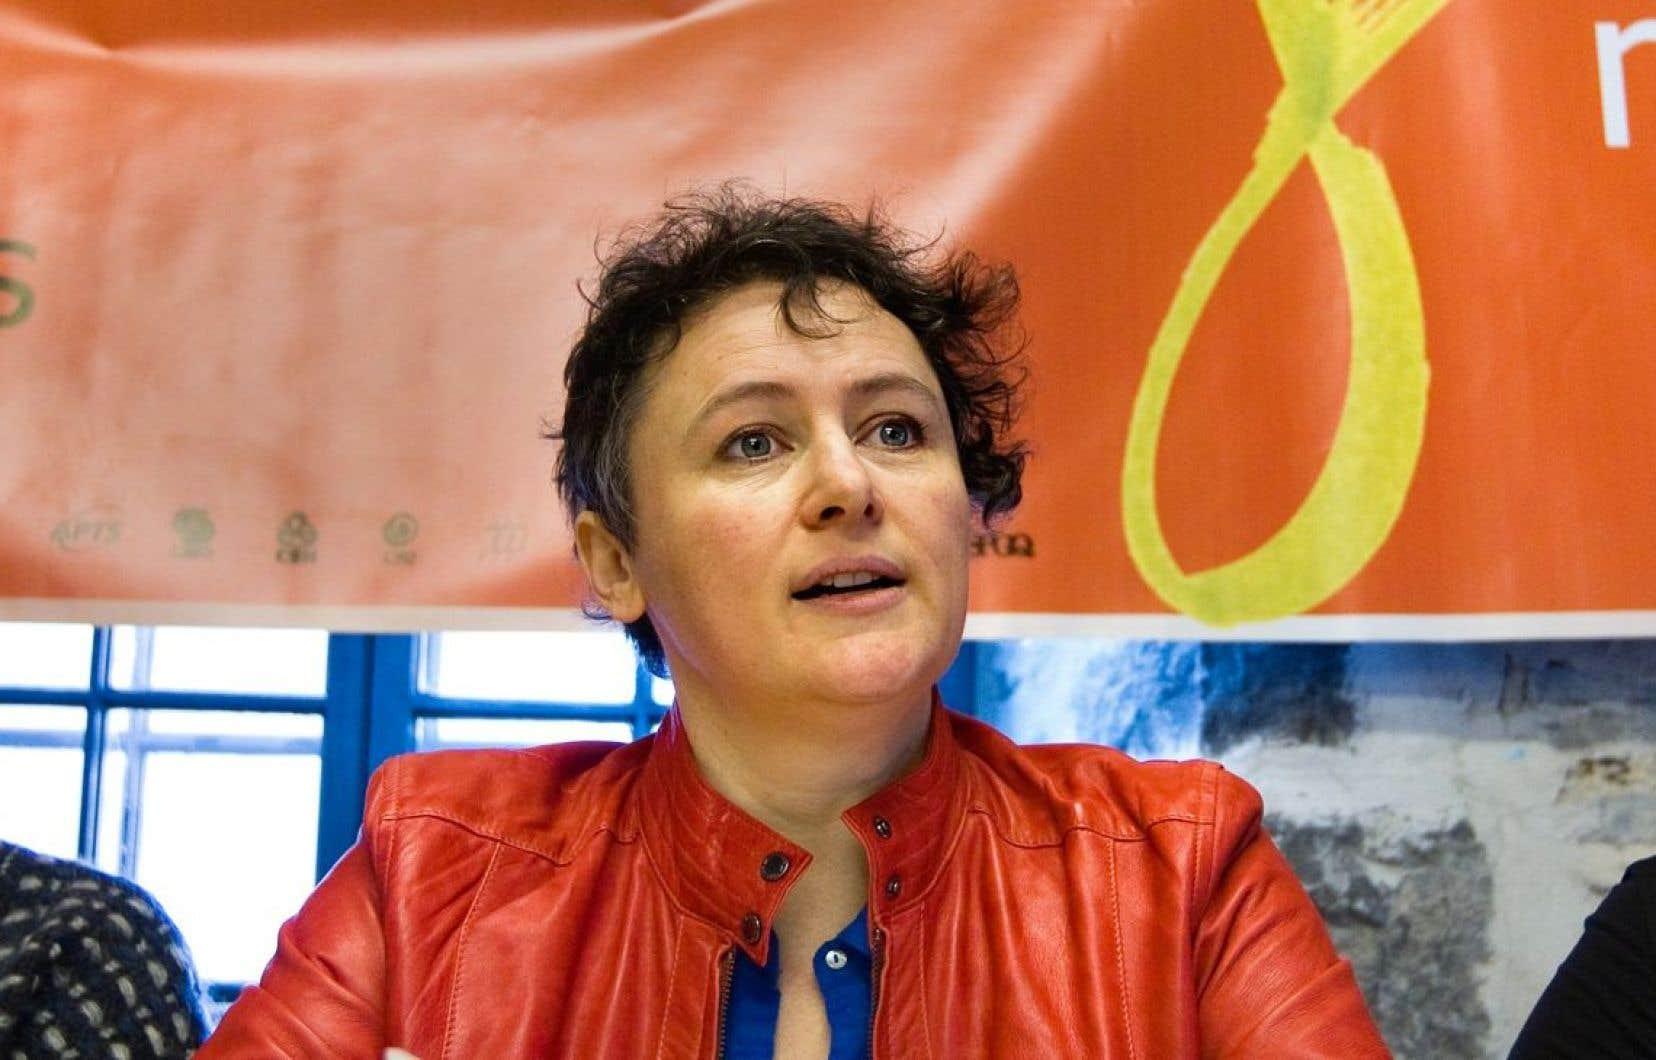 Le féminisme ne cesse d'évoluer et de se renouveler, selon l'ancienne présidente de la Fédération des Femmes du Québec, Alexa Conradi.